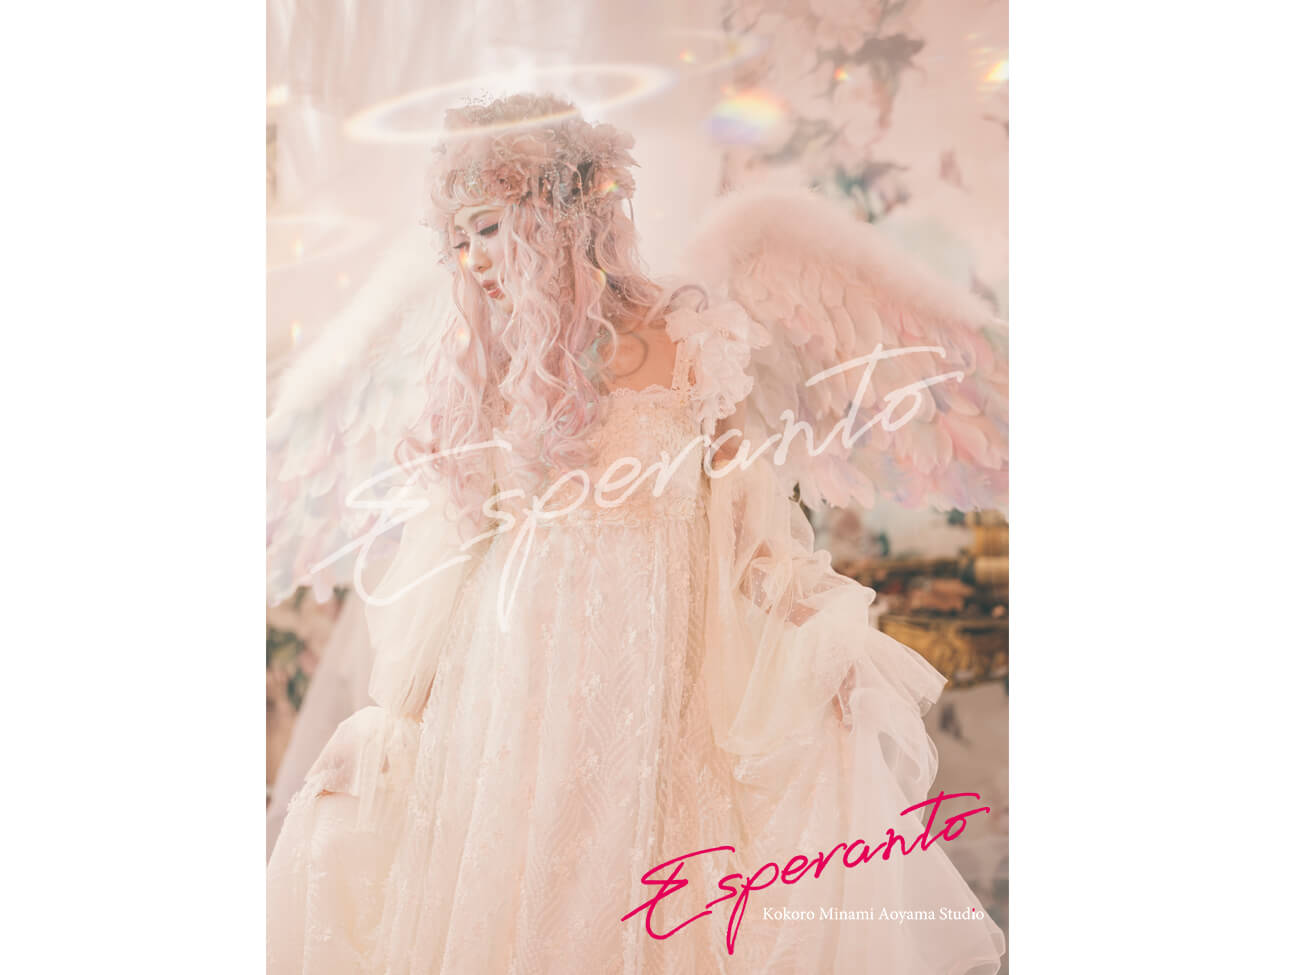 天使の詩 ドレス撮影